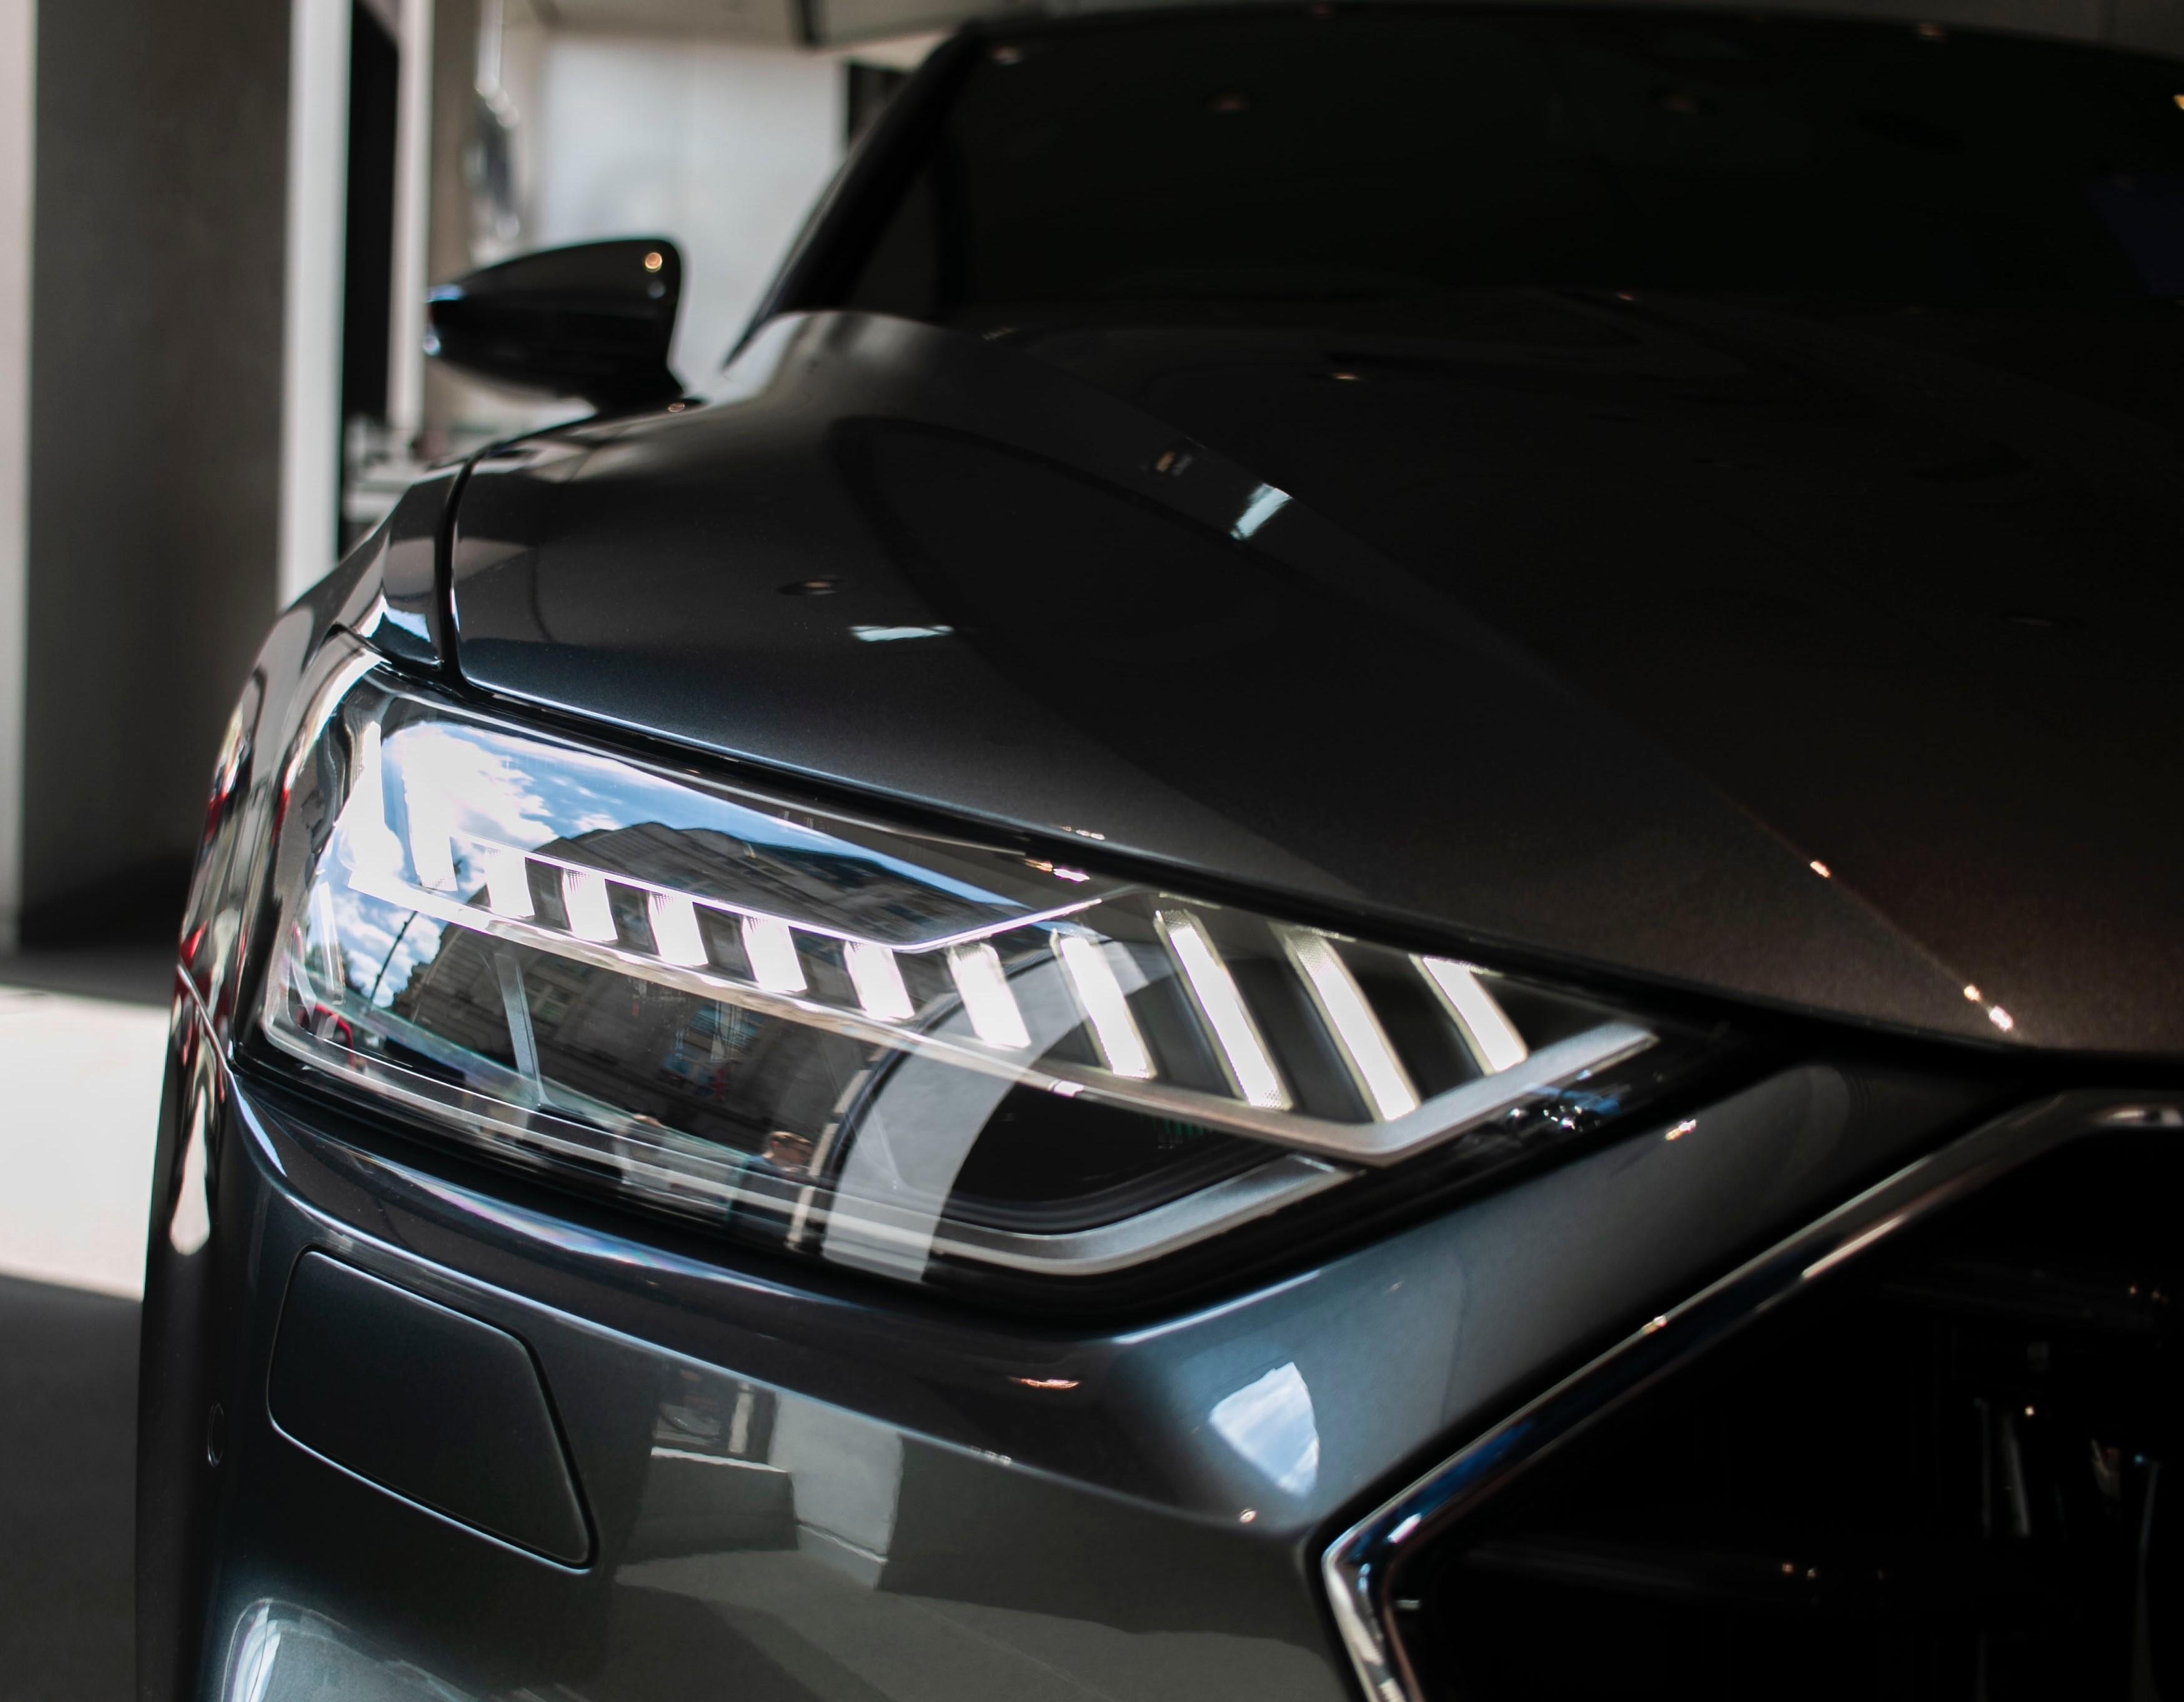 Odbiór nowego samochodu z salonu krok po kroku –  zobacz, na co uważać